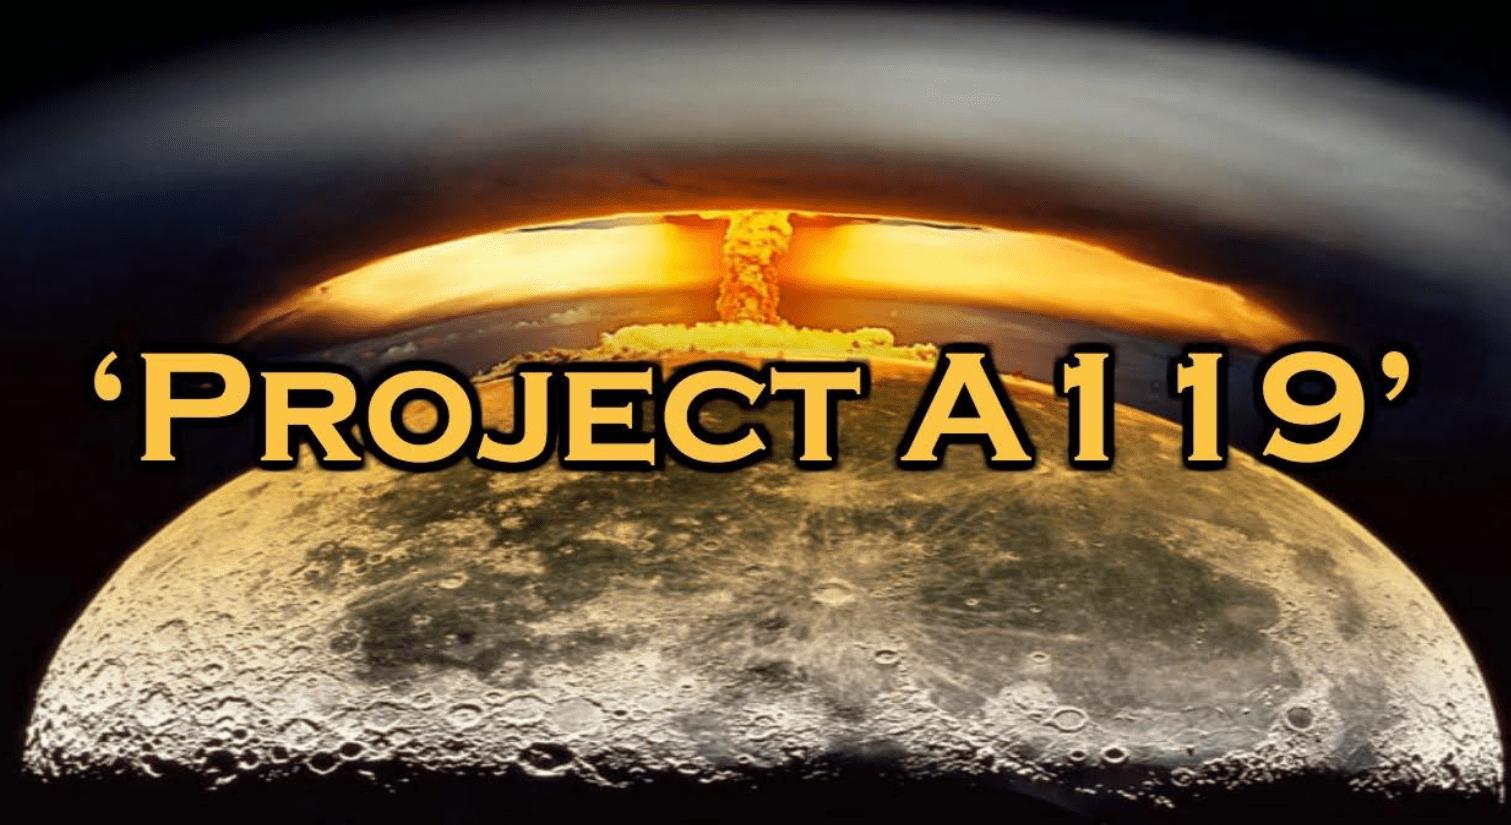 63年前,人类最疯狂的计划:炸月球,让半个地球的人看大蘑菇云